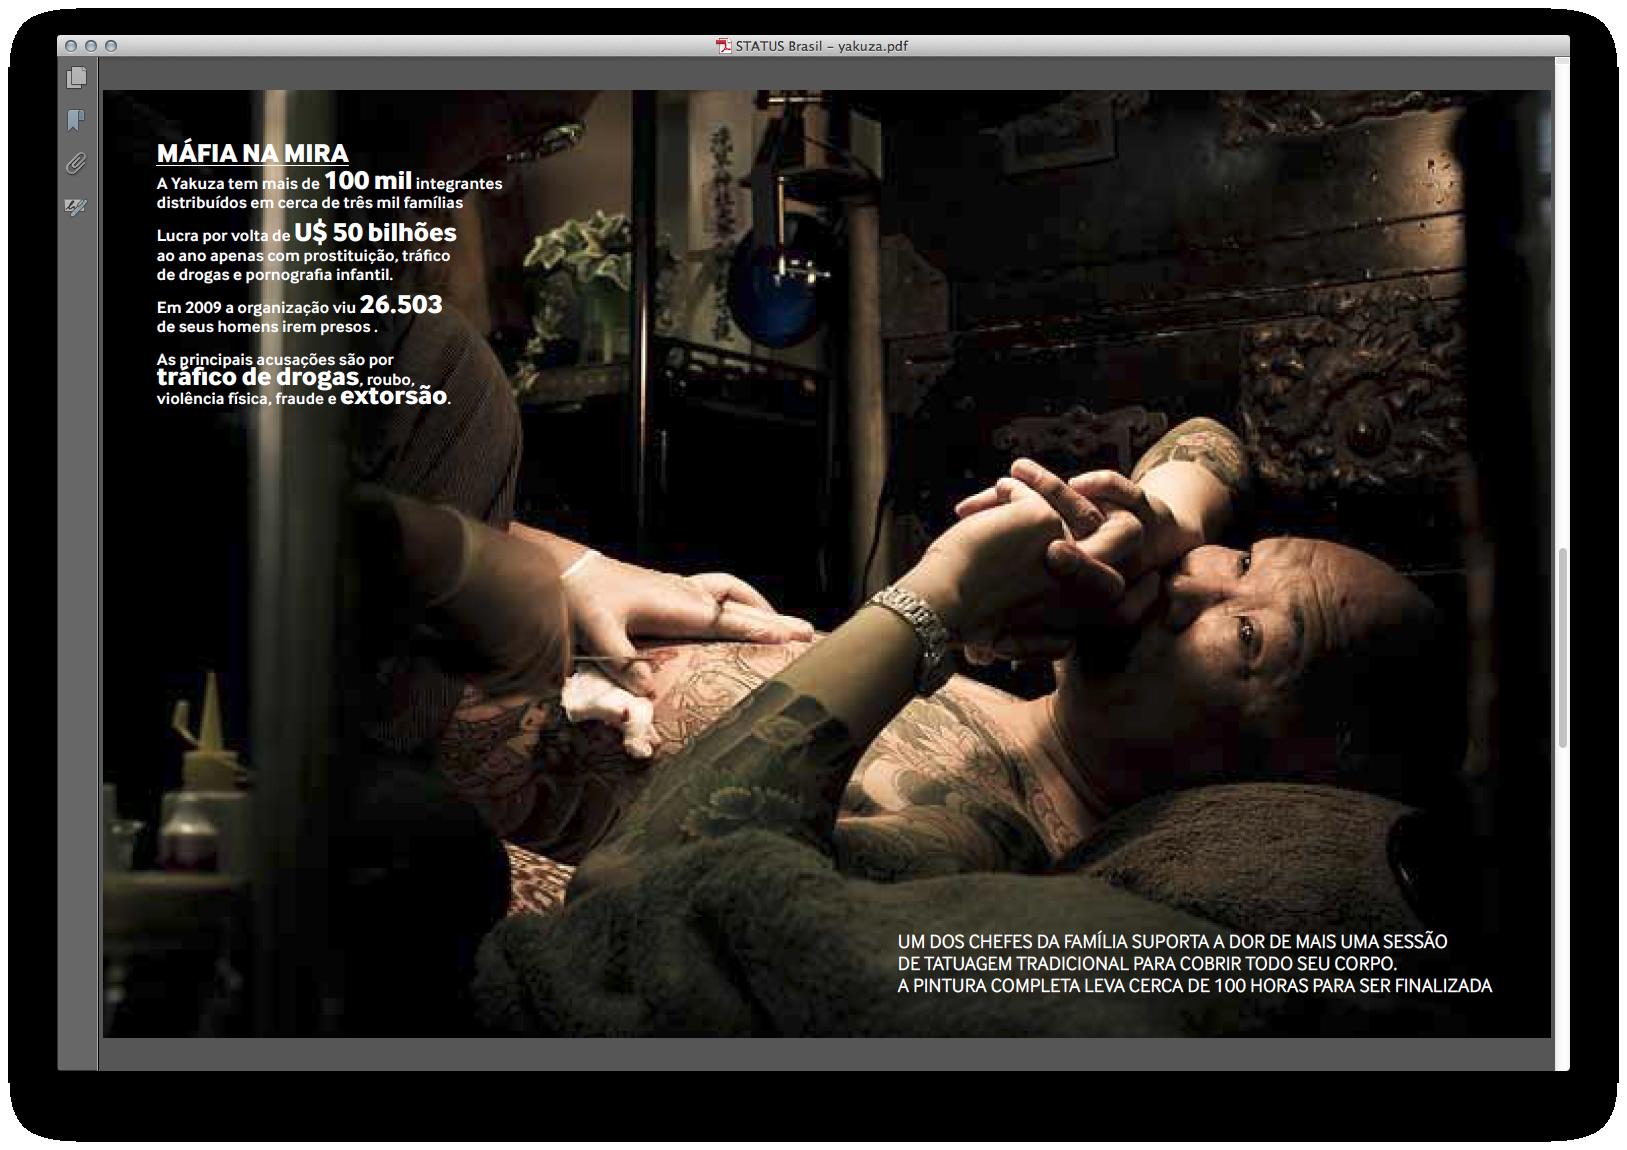 Screen-Shot-2012-02-19-at-13.13.26.png